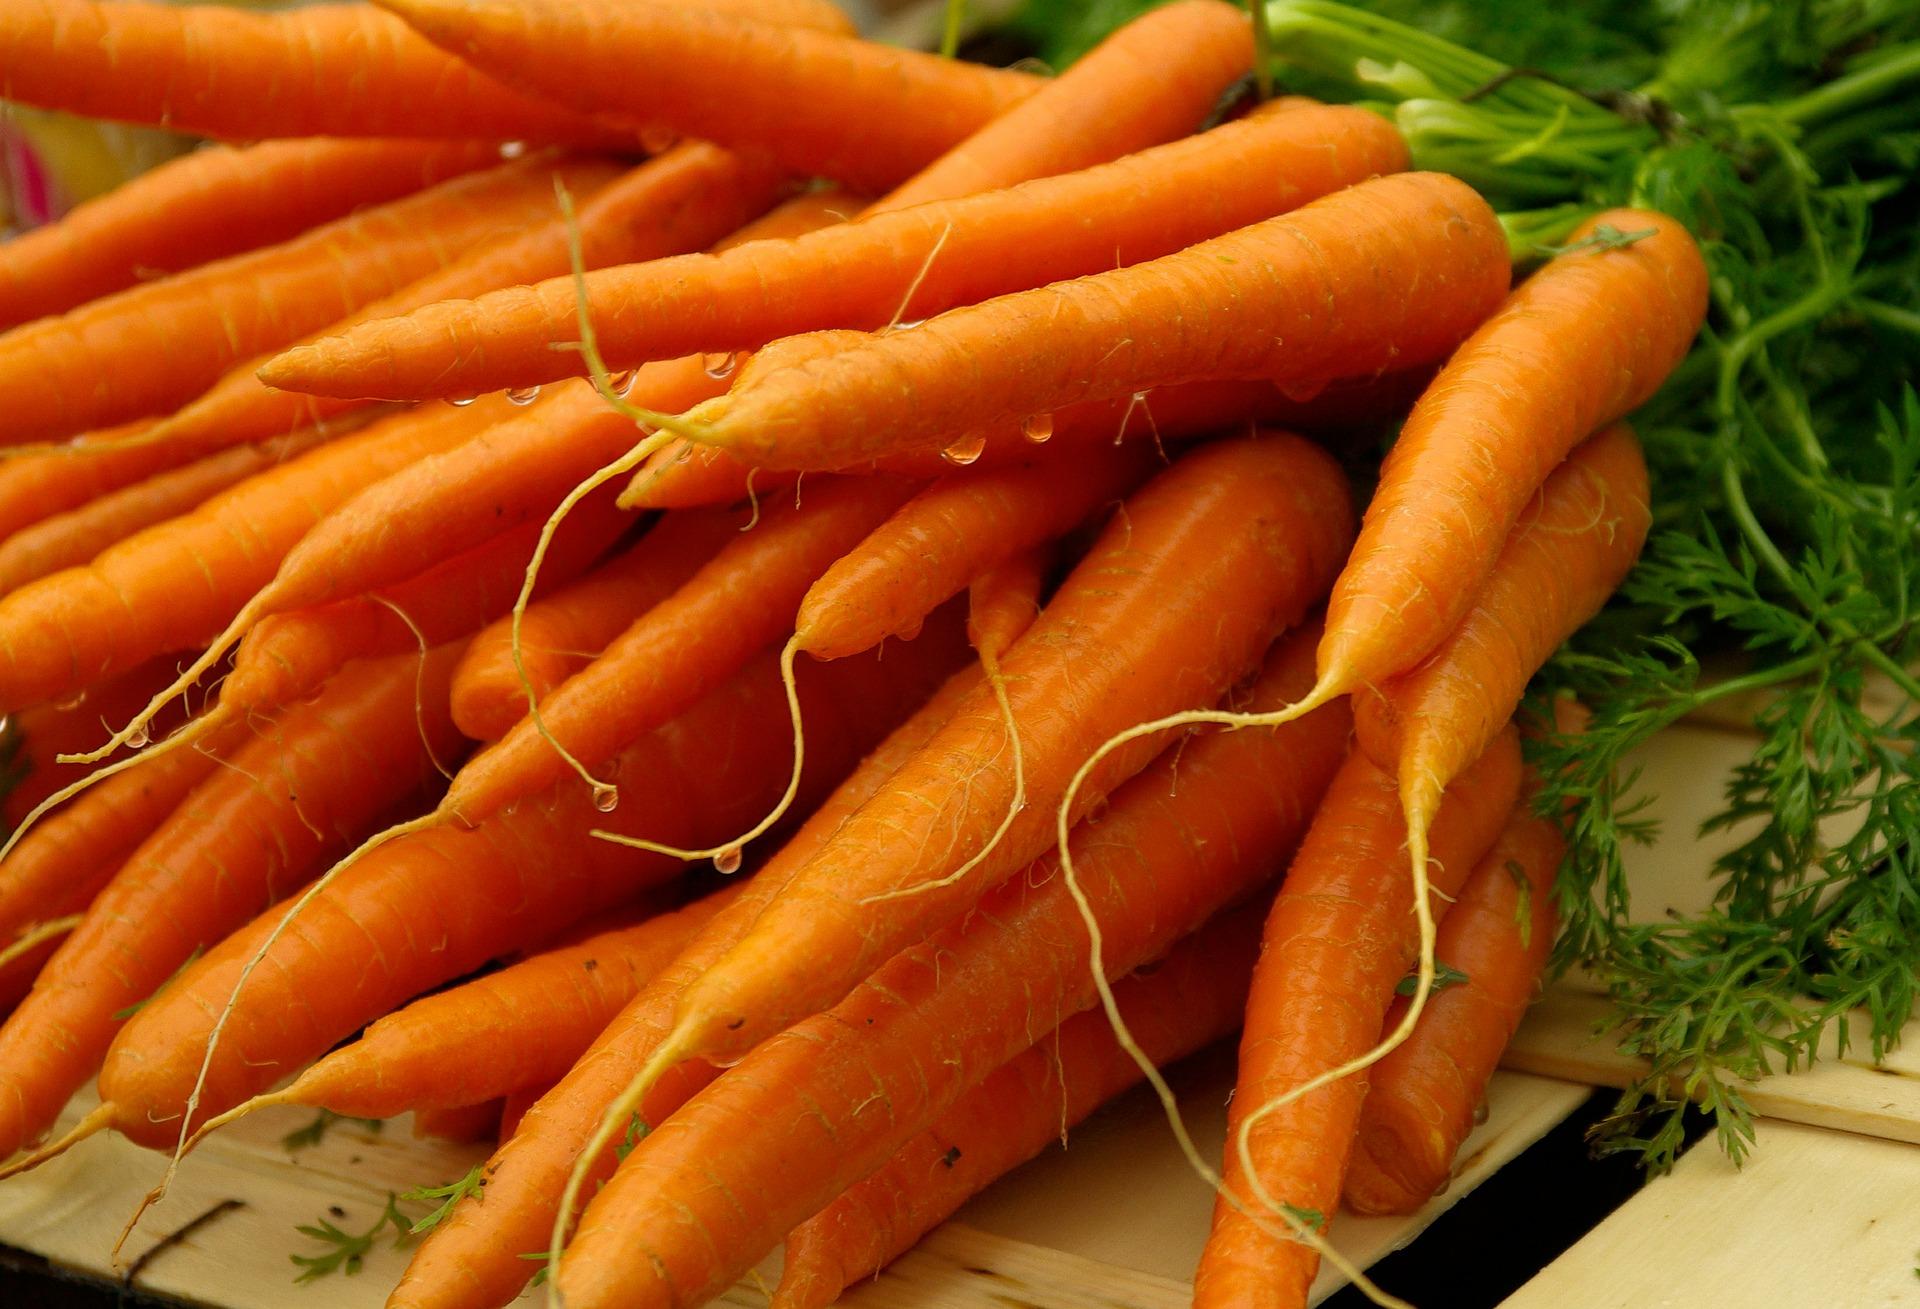 vegetables-541727_1920 (2)